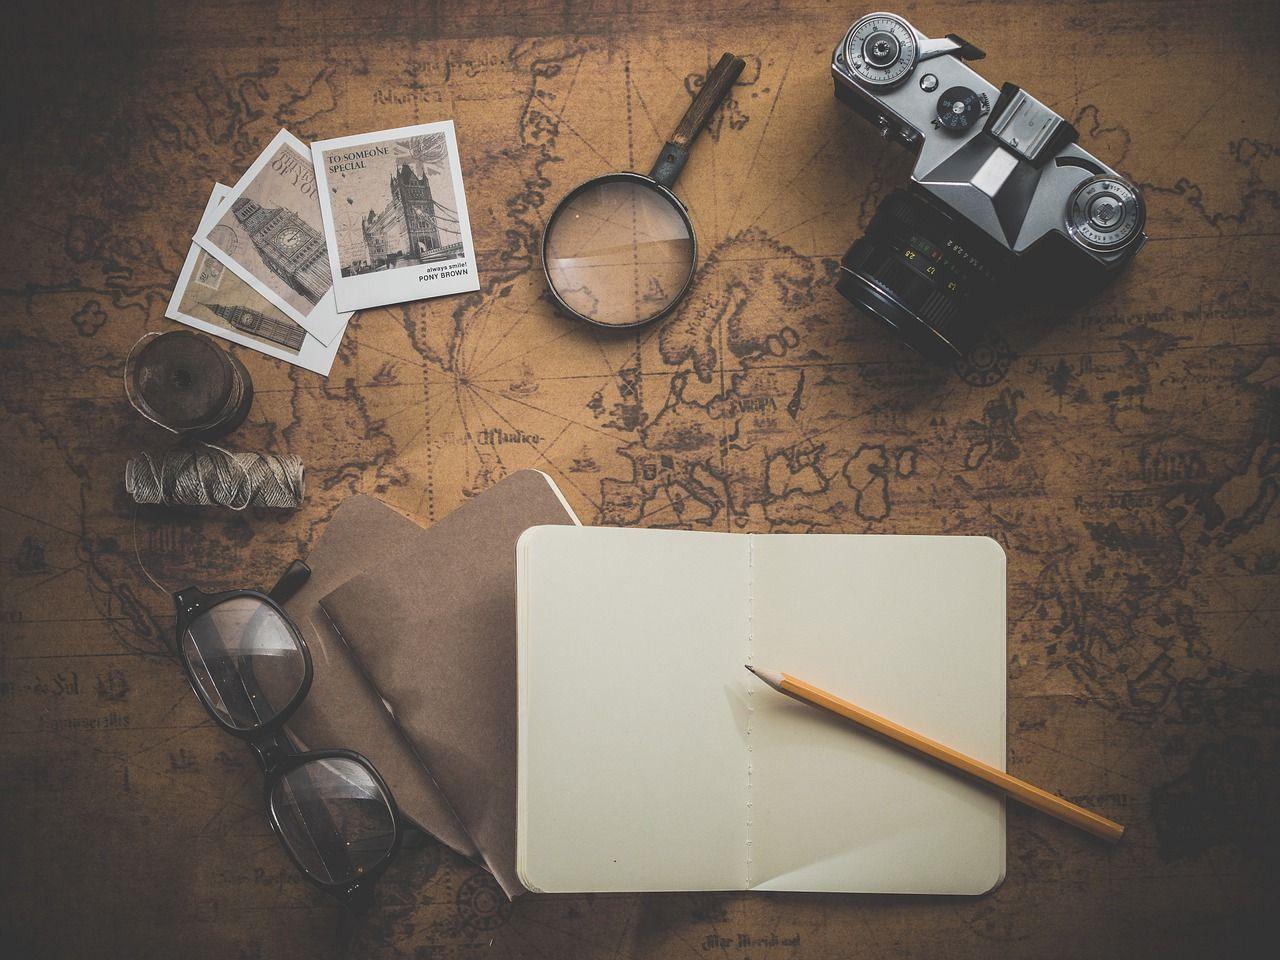 Itens de viagem: foto, máquina fotográfica etc